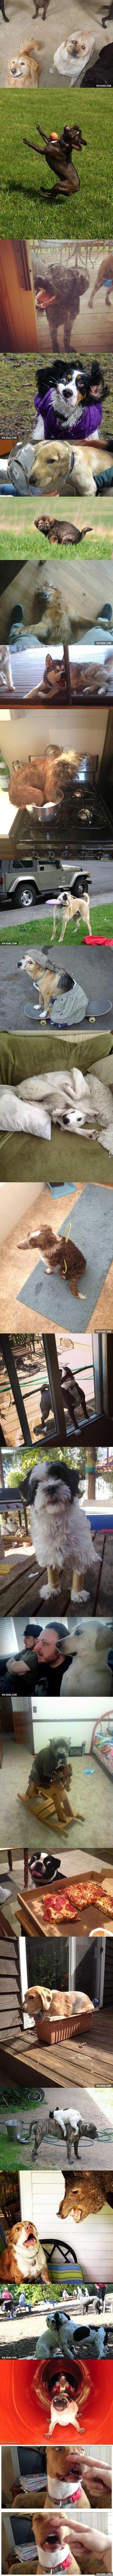 A hilarious compilation of awkward dog photos.